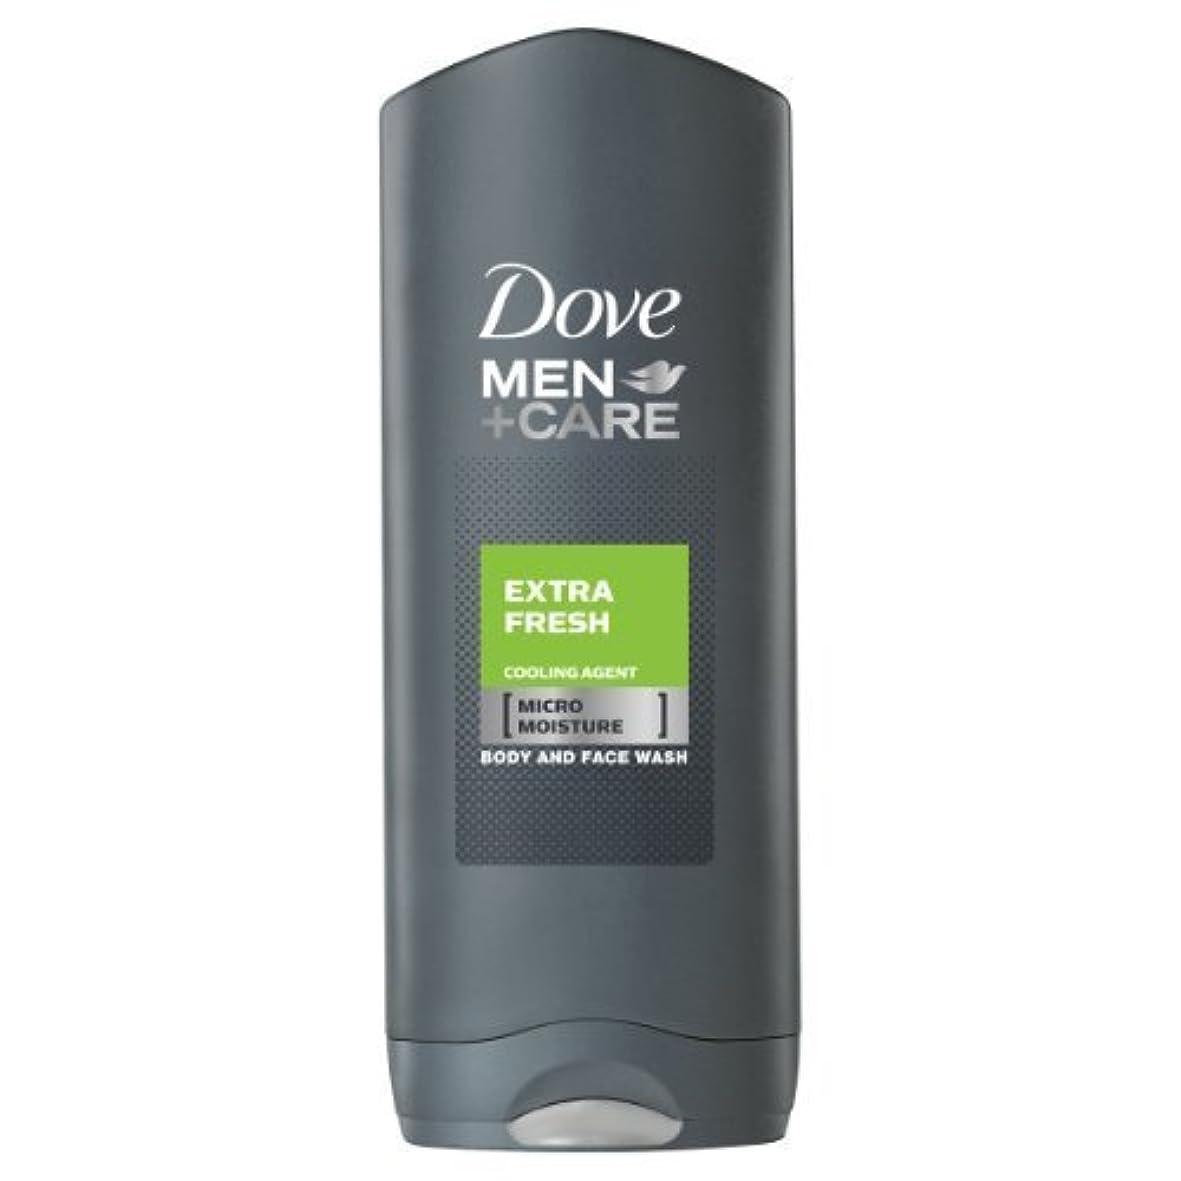 タービンパーティー収束Dove for Men Extra Fresh Body and Face Wash 250 ml by Dove [並行輸入品]